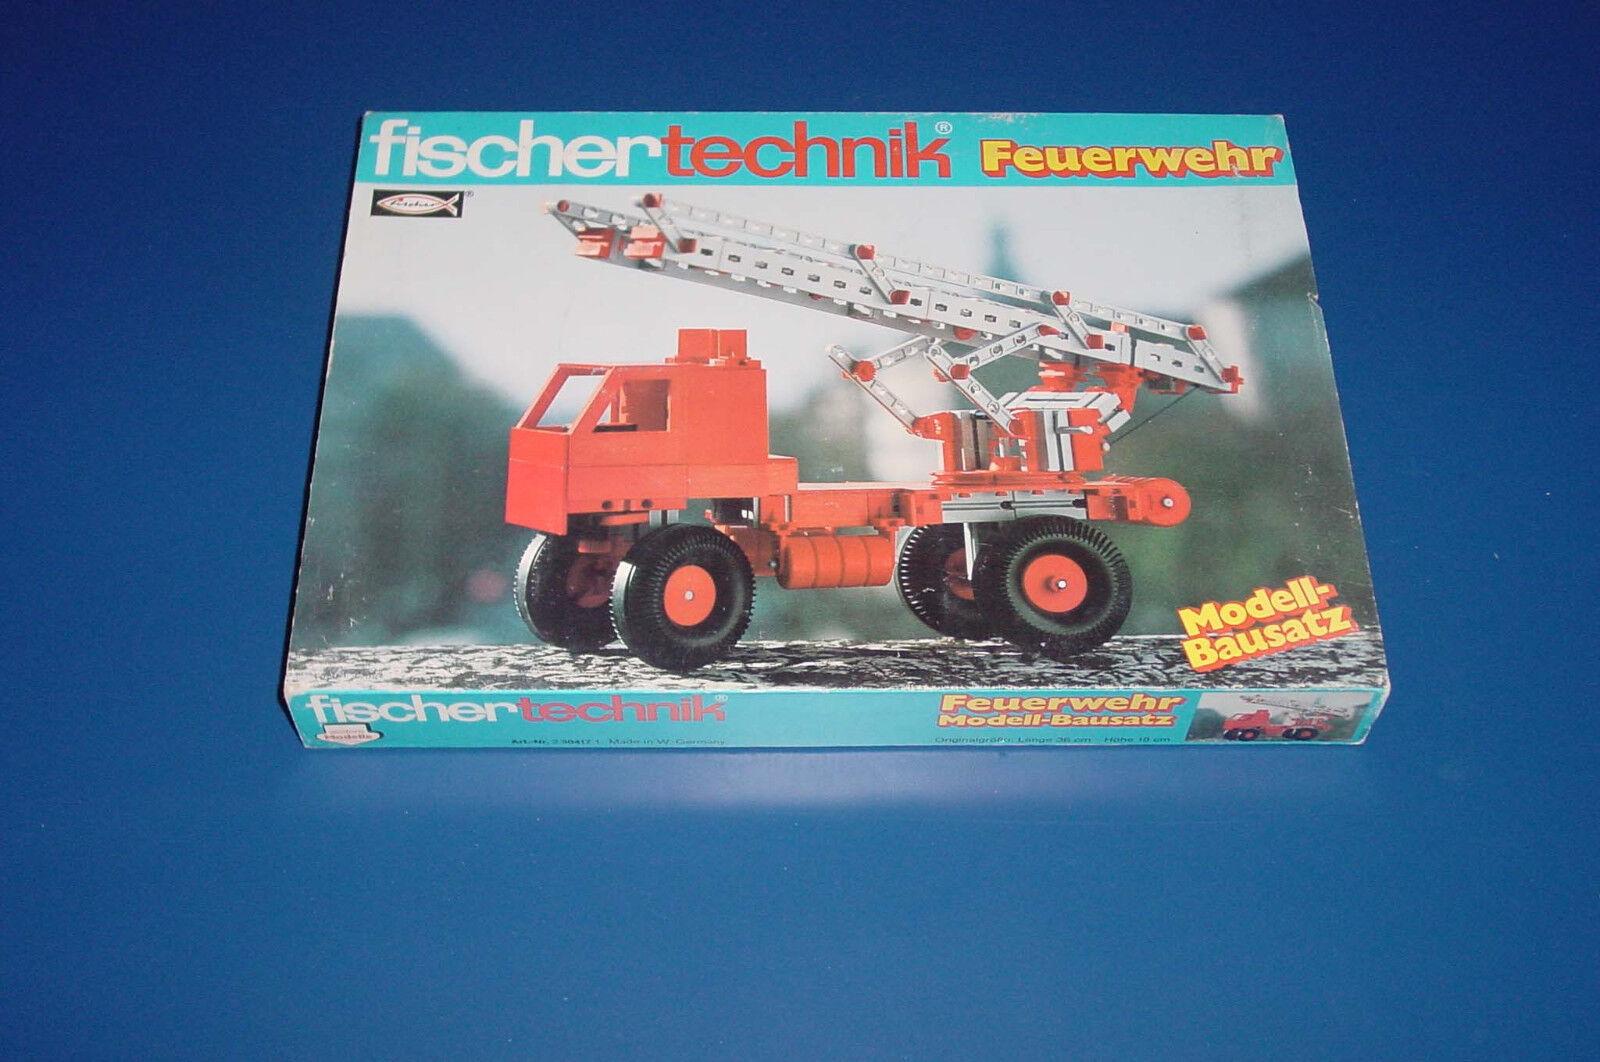 Fischertechnik - Modell Feuerwehr -- Unbespielt